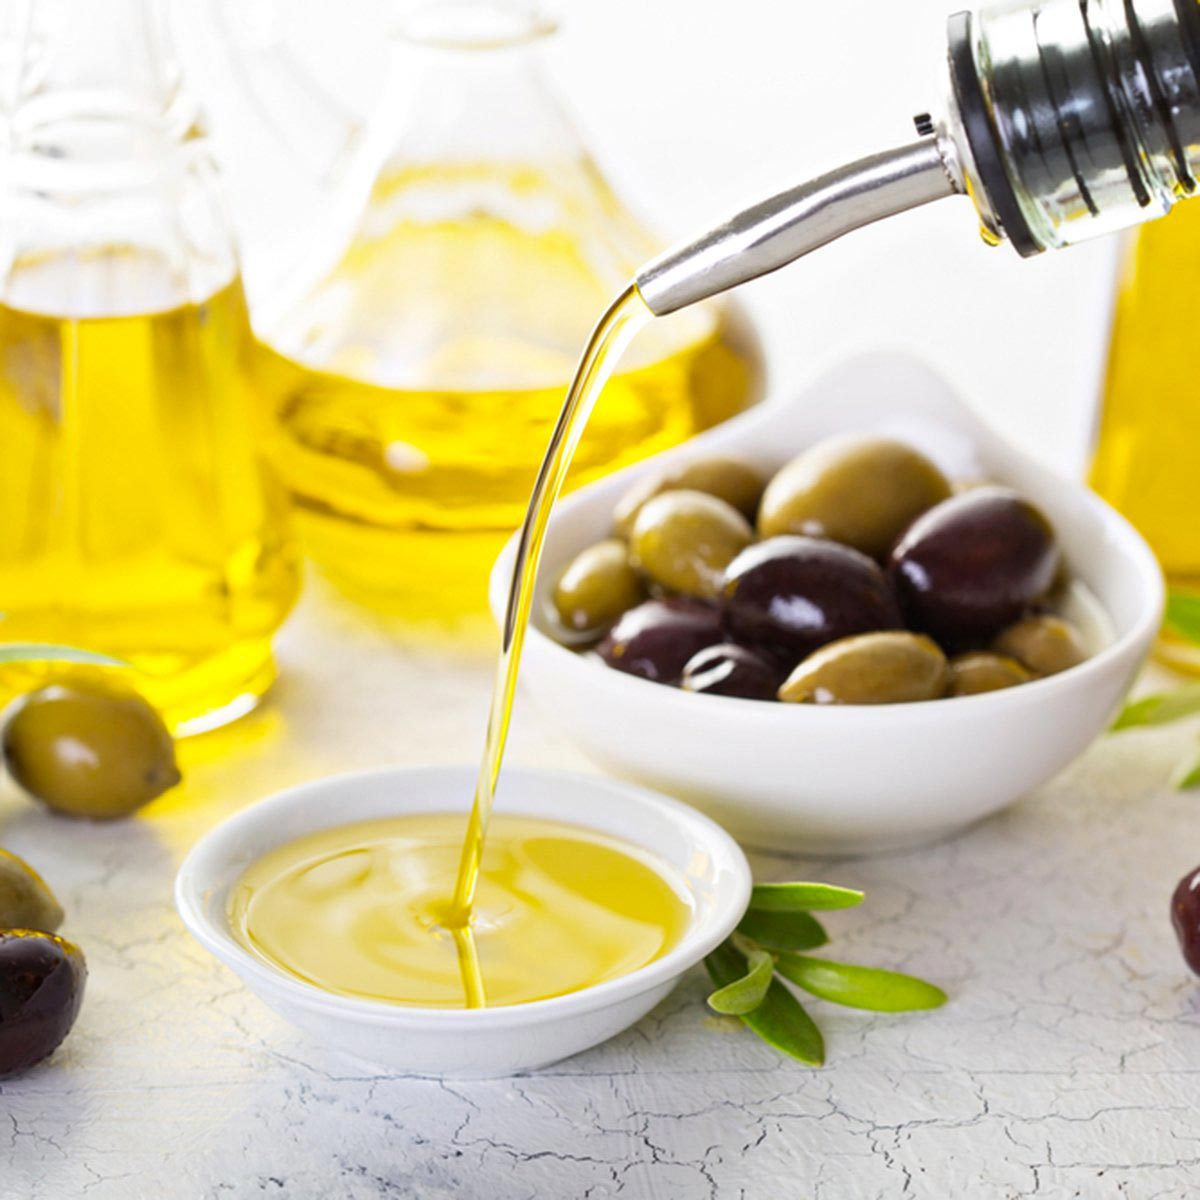 Remplacer le beurre par de l'huile d'olive.